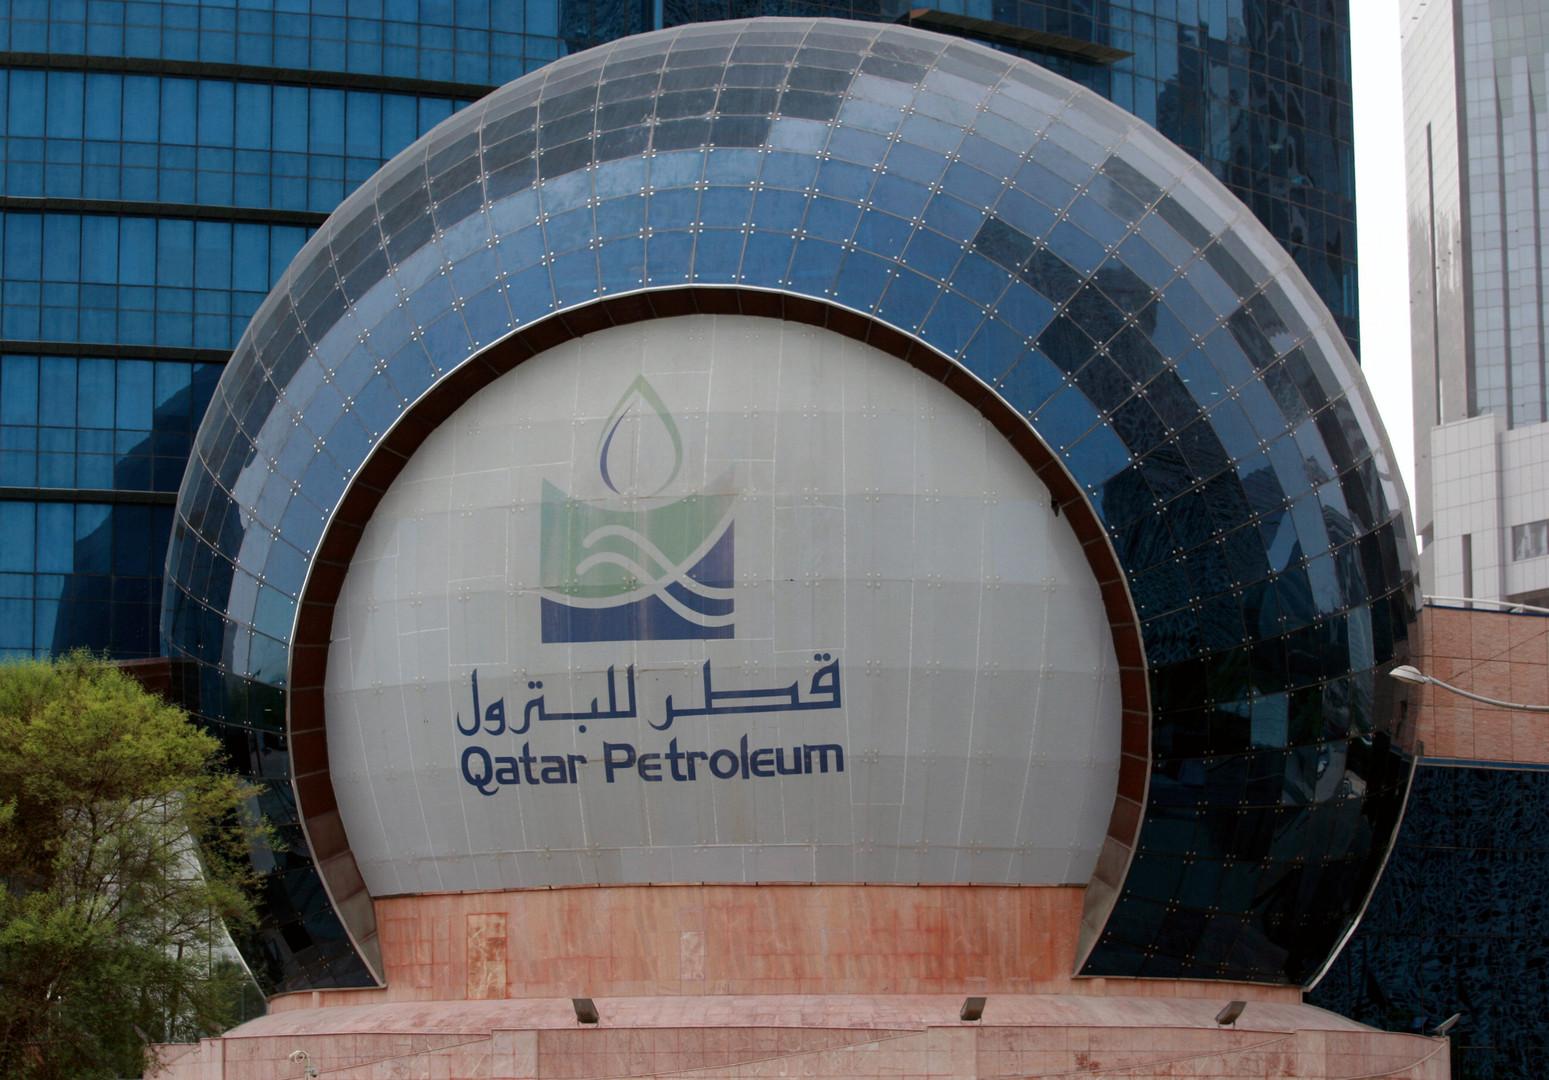 قطر تشحن الغاز المسال إلى الإمارات بعد تعطل خط الأنابيب الرئيسي بينهما